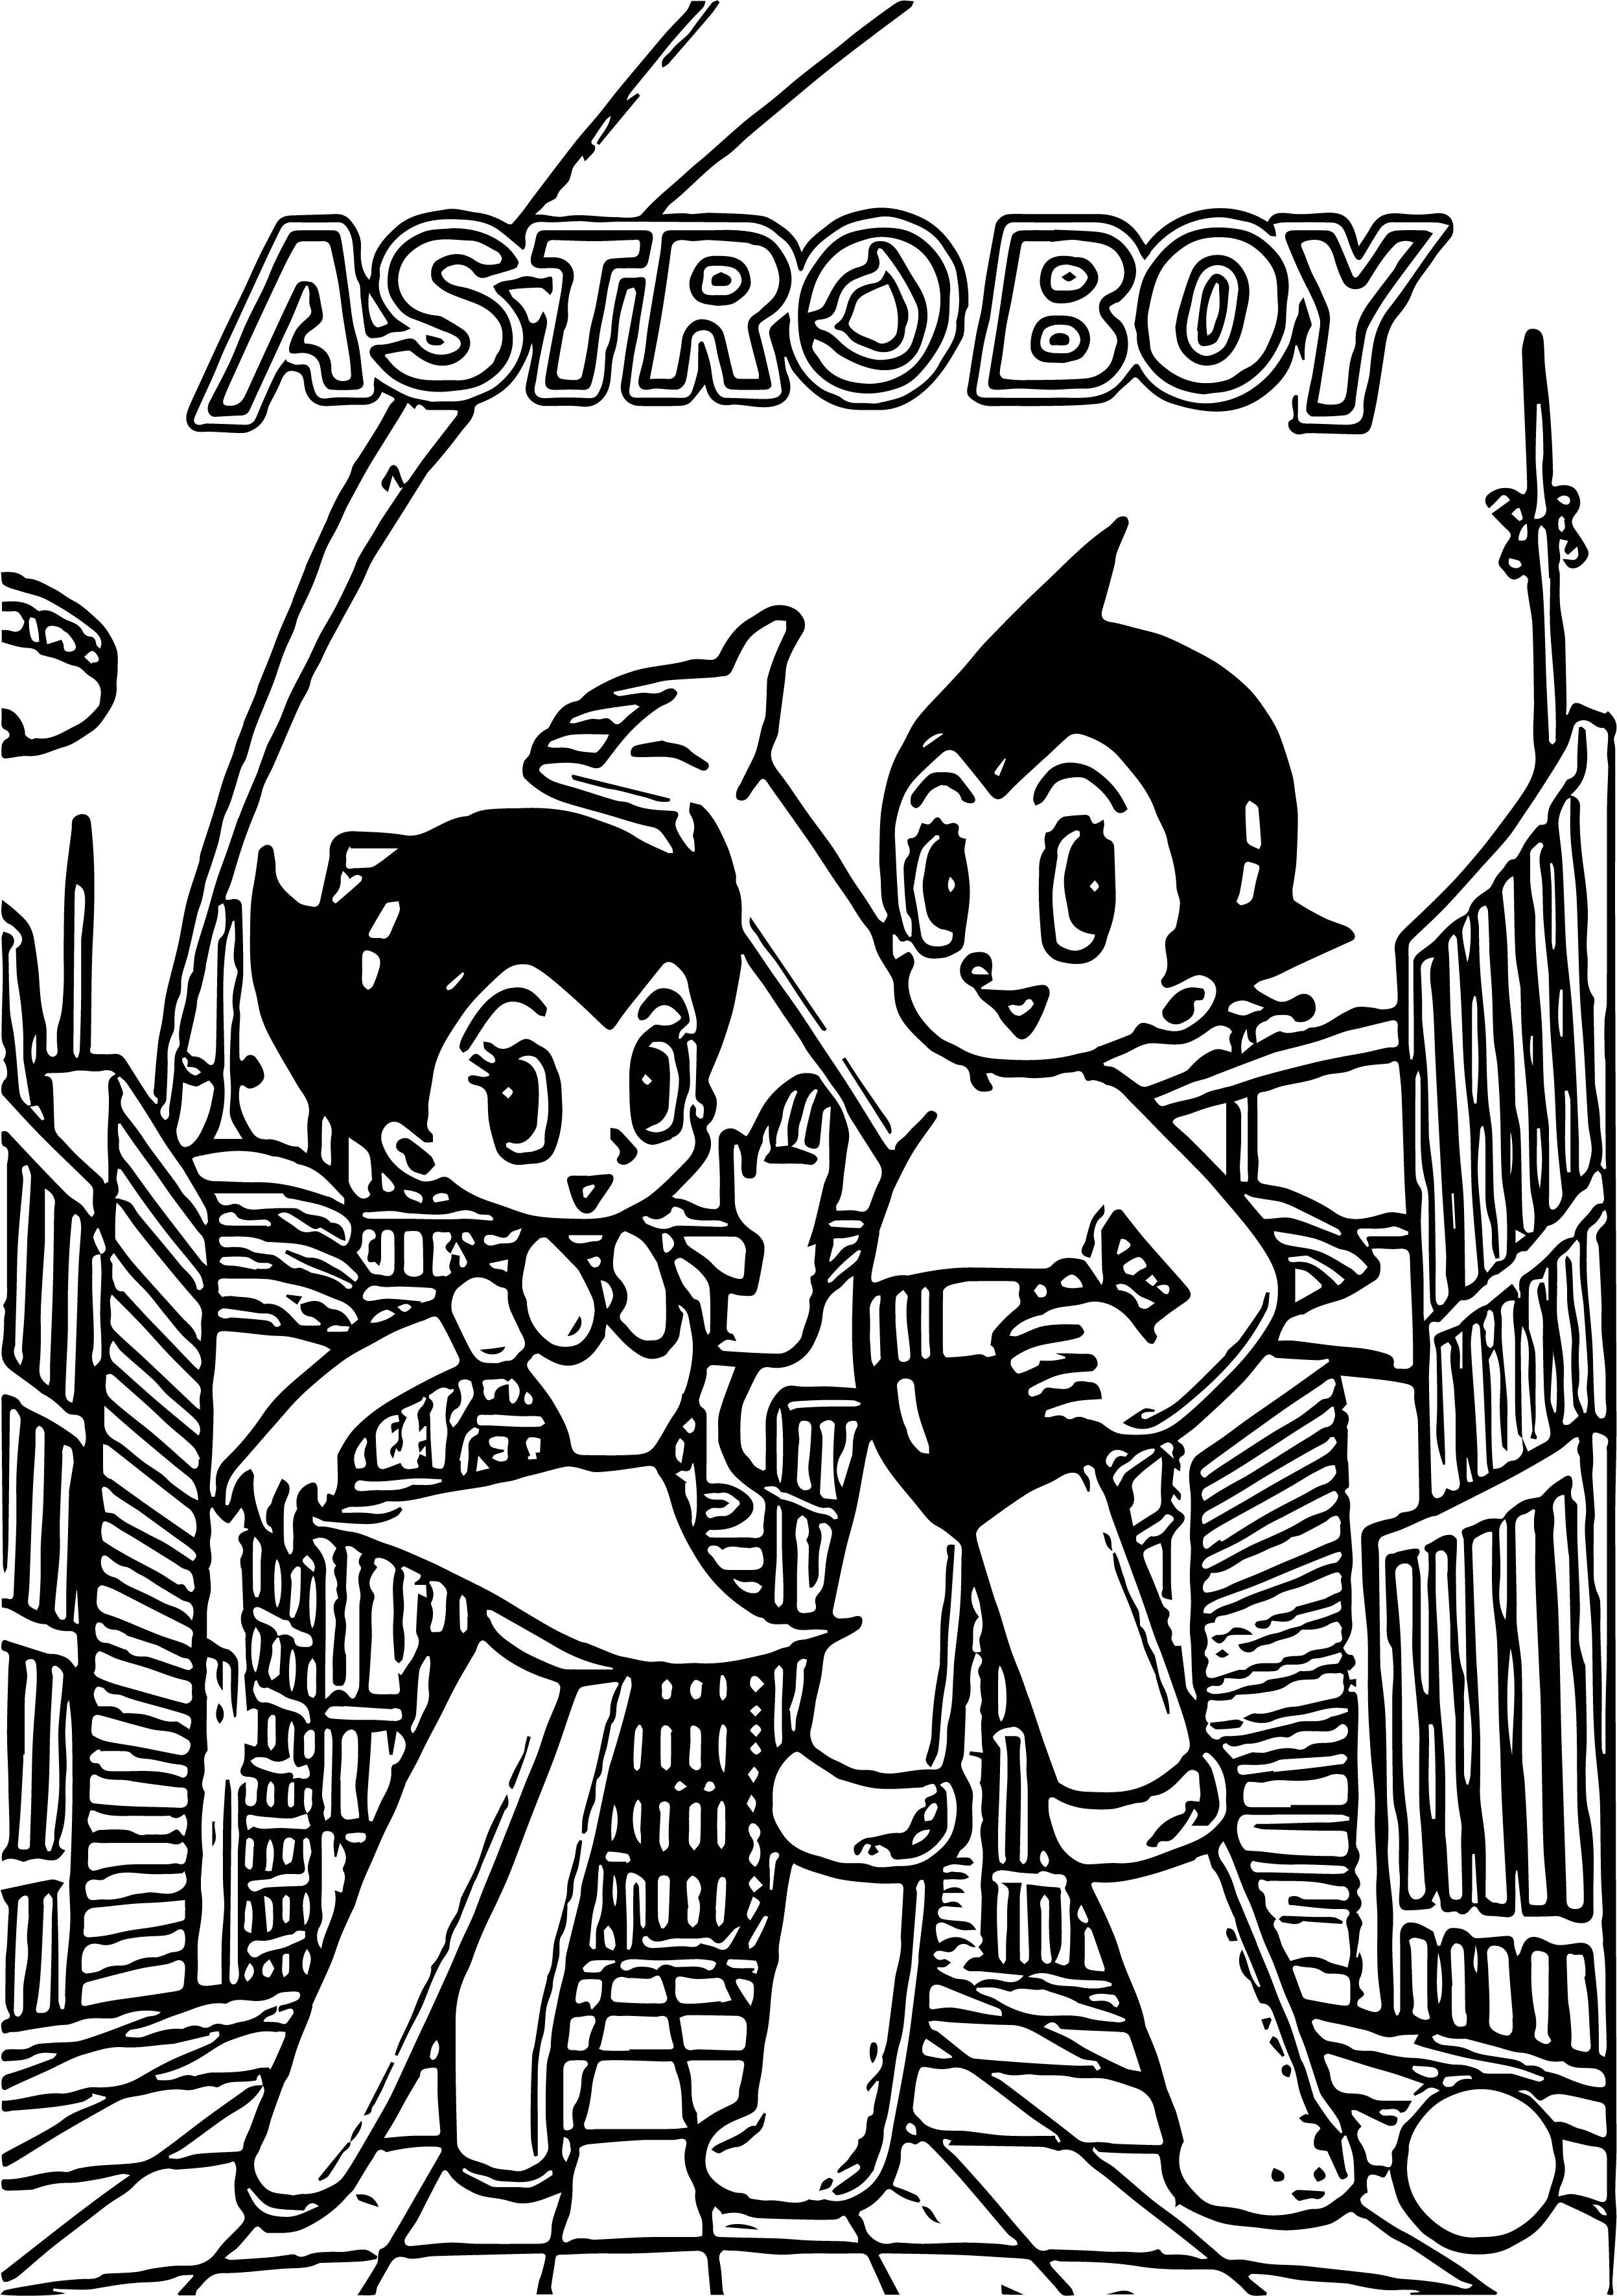 Astro Boy City Coloring Page